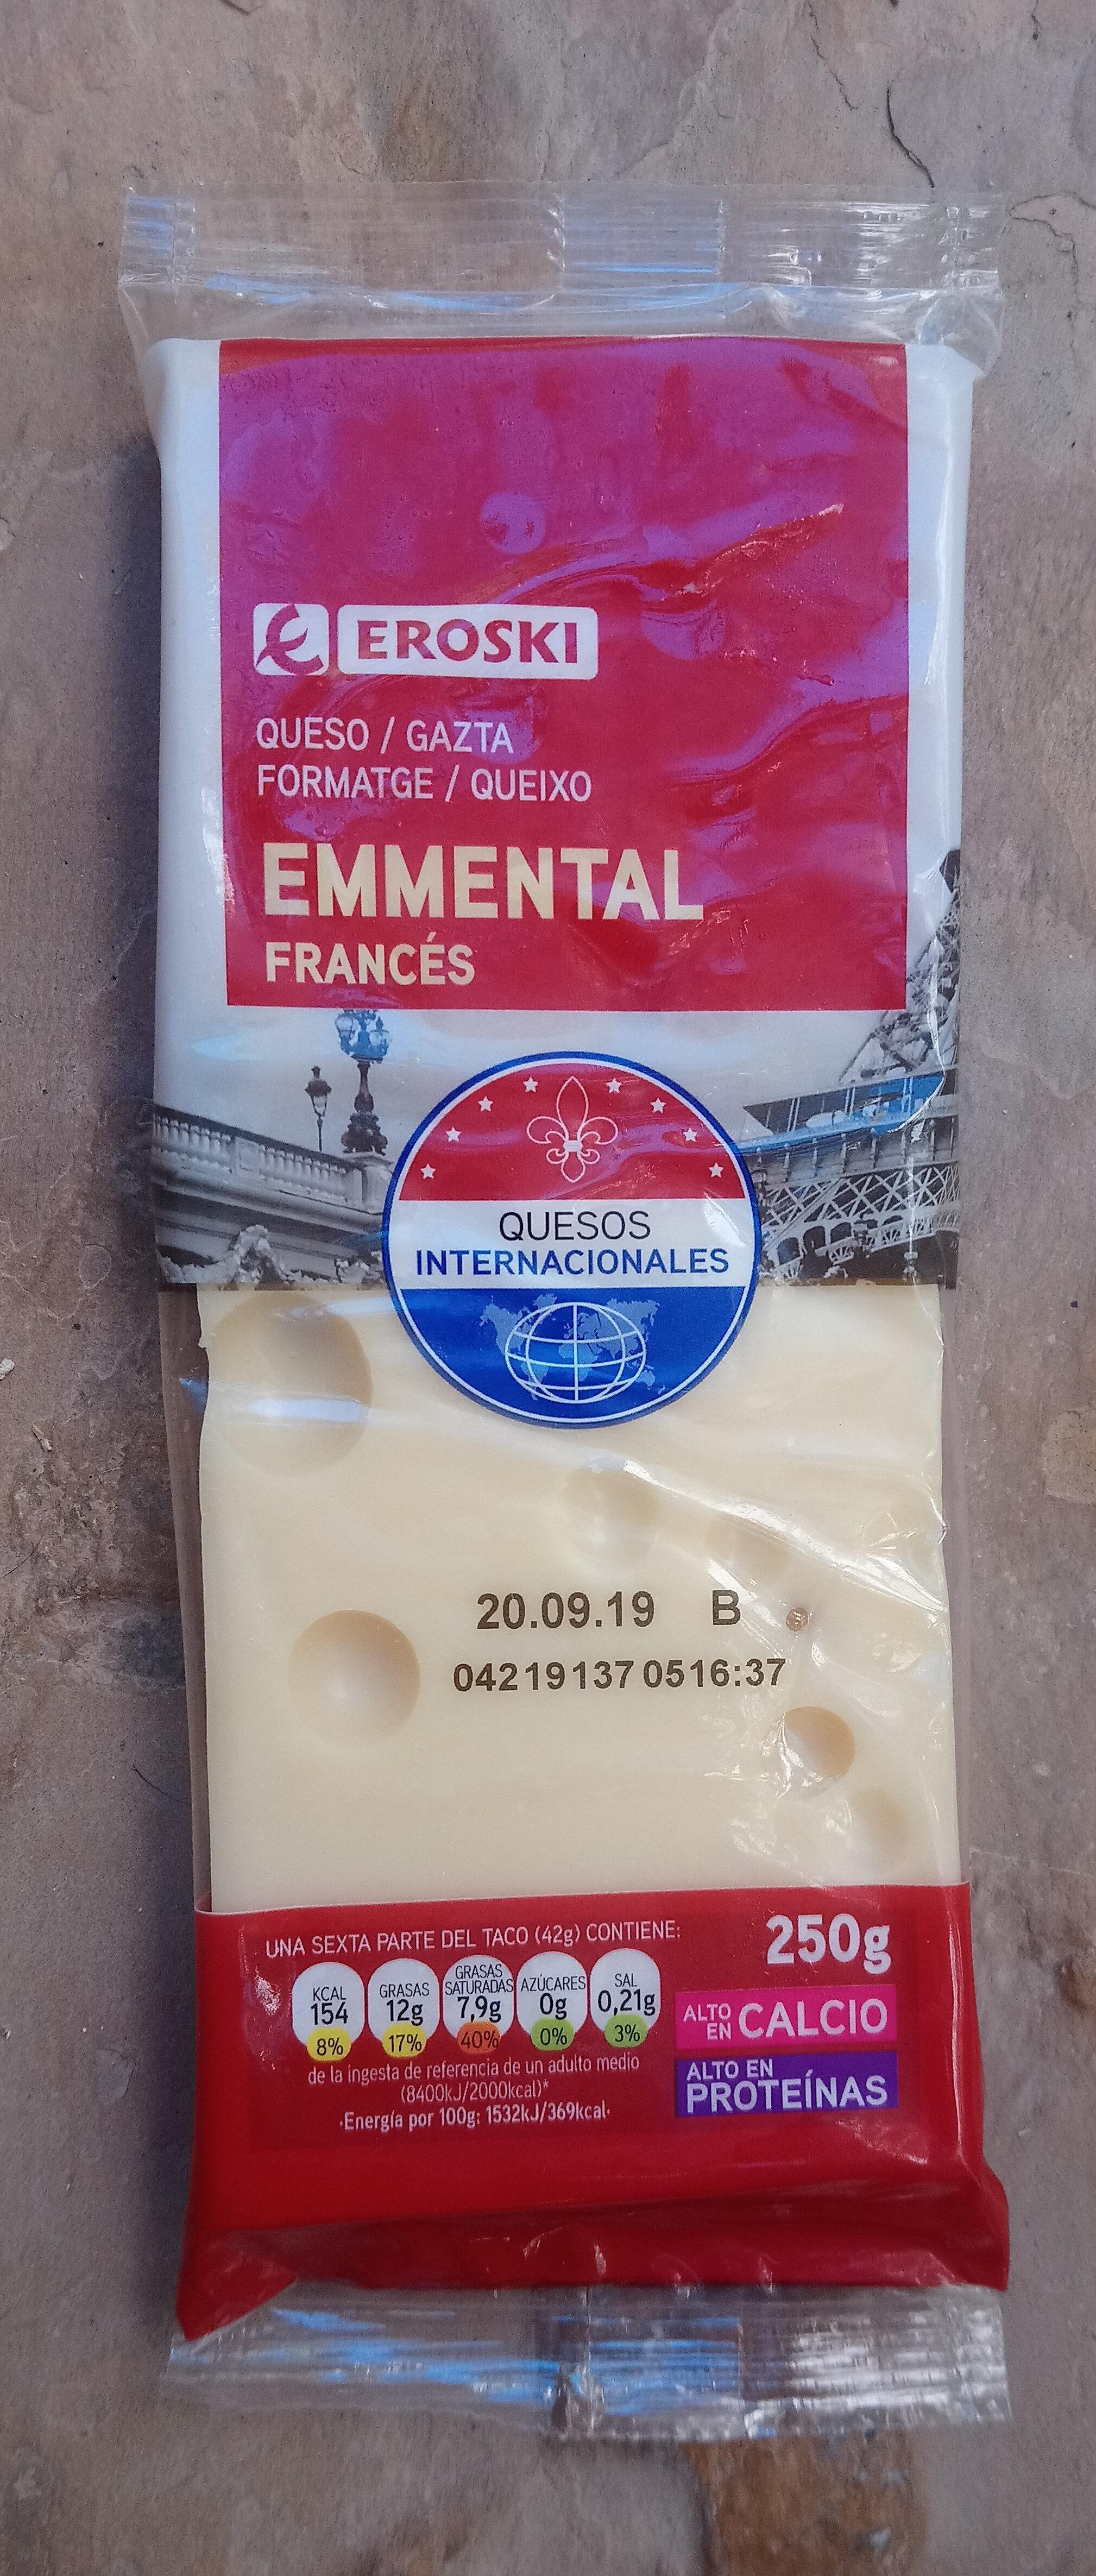 Queso emmental francés - Producto - es